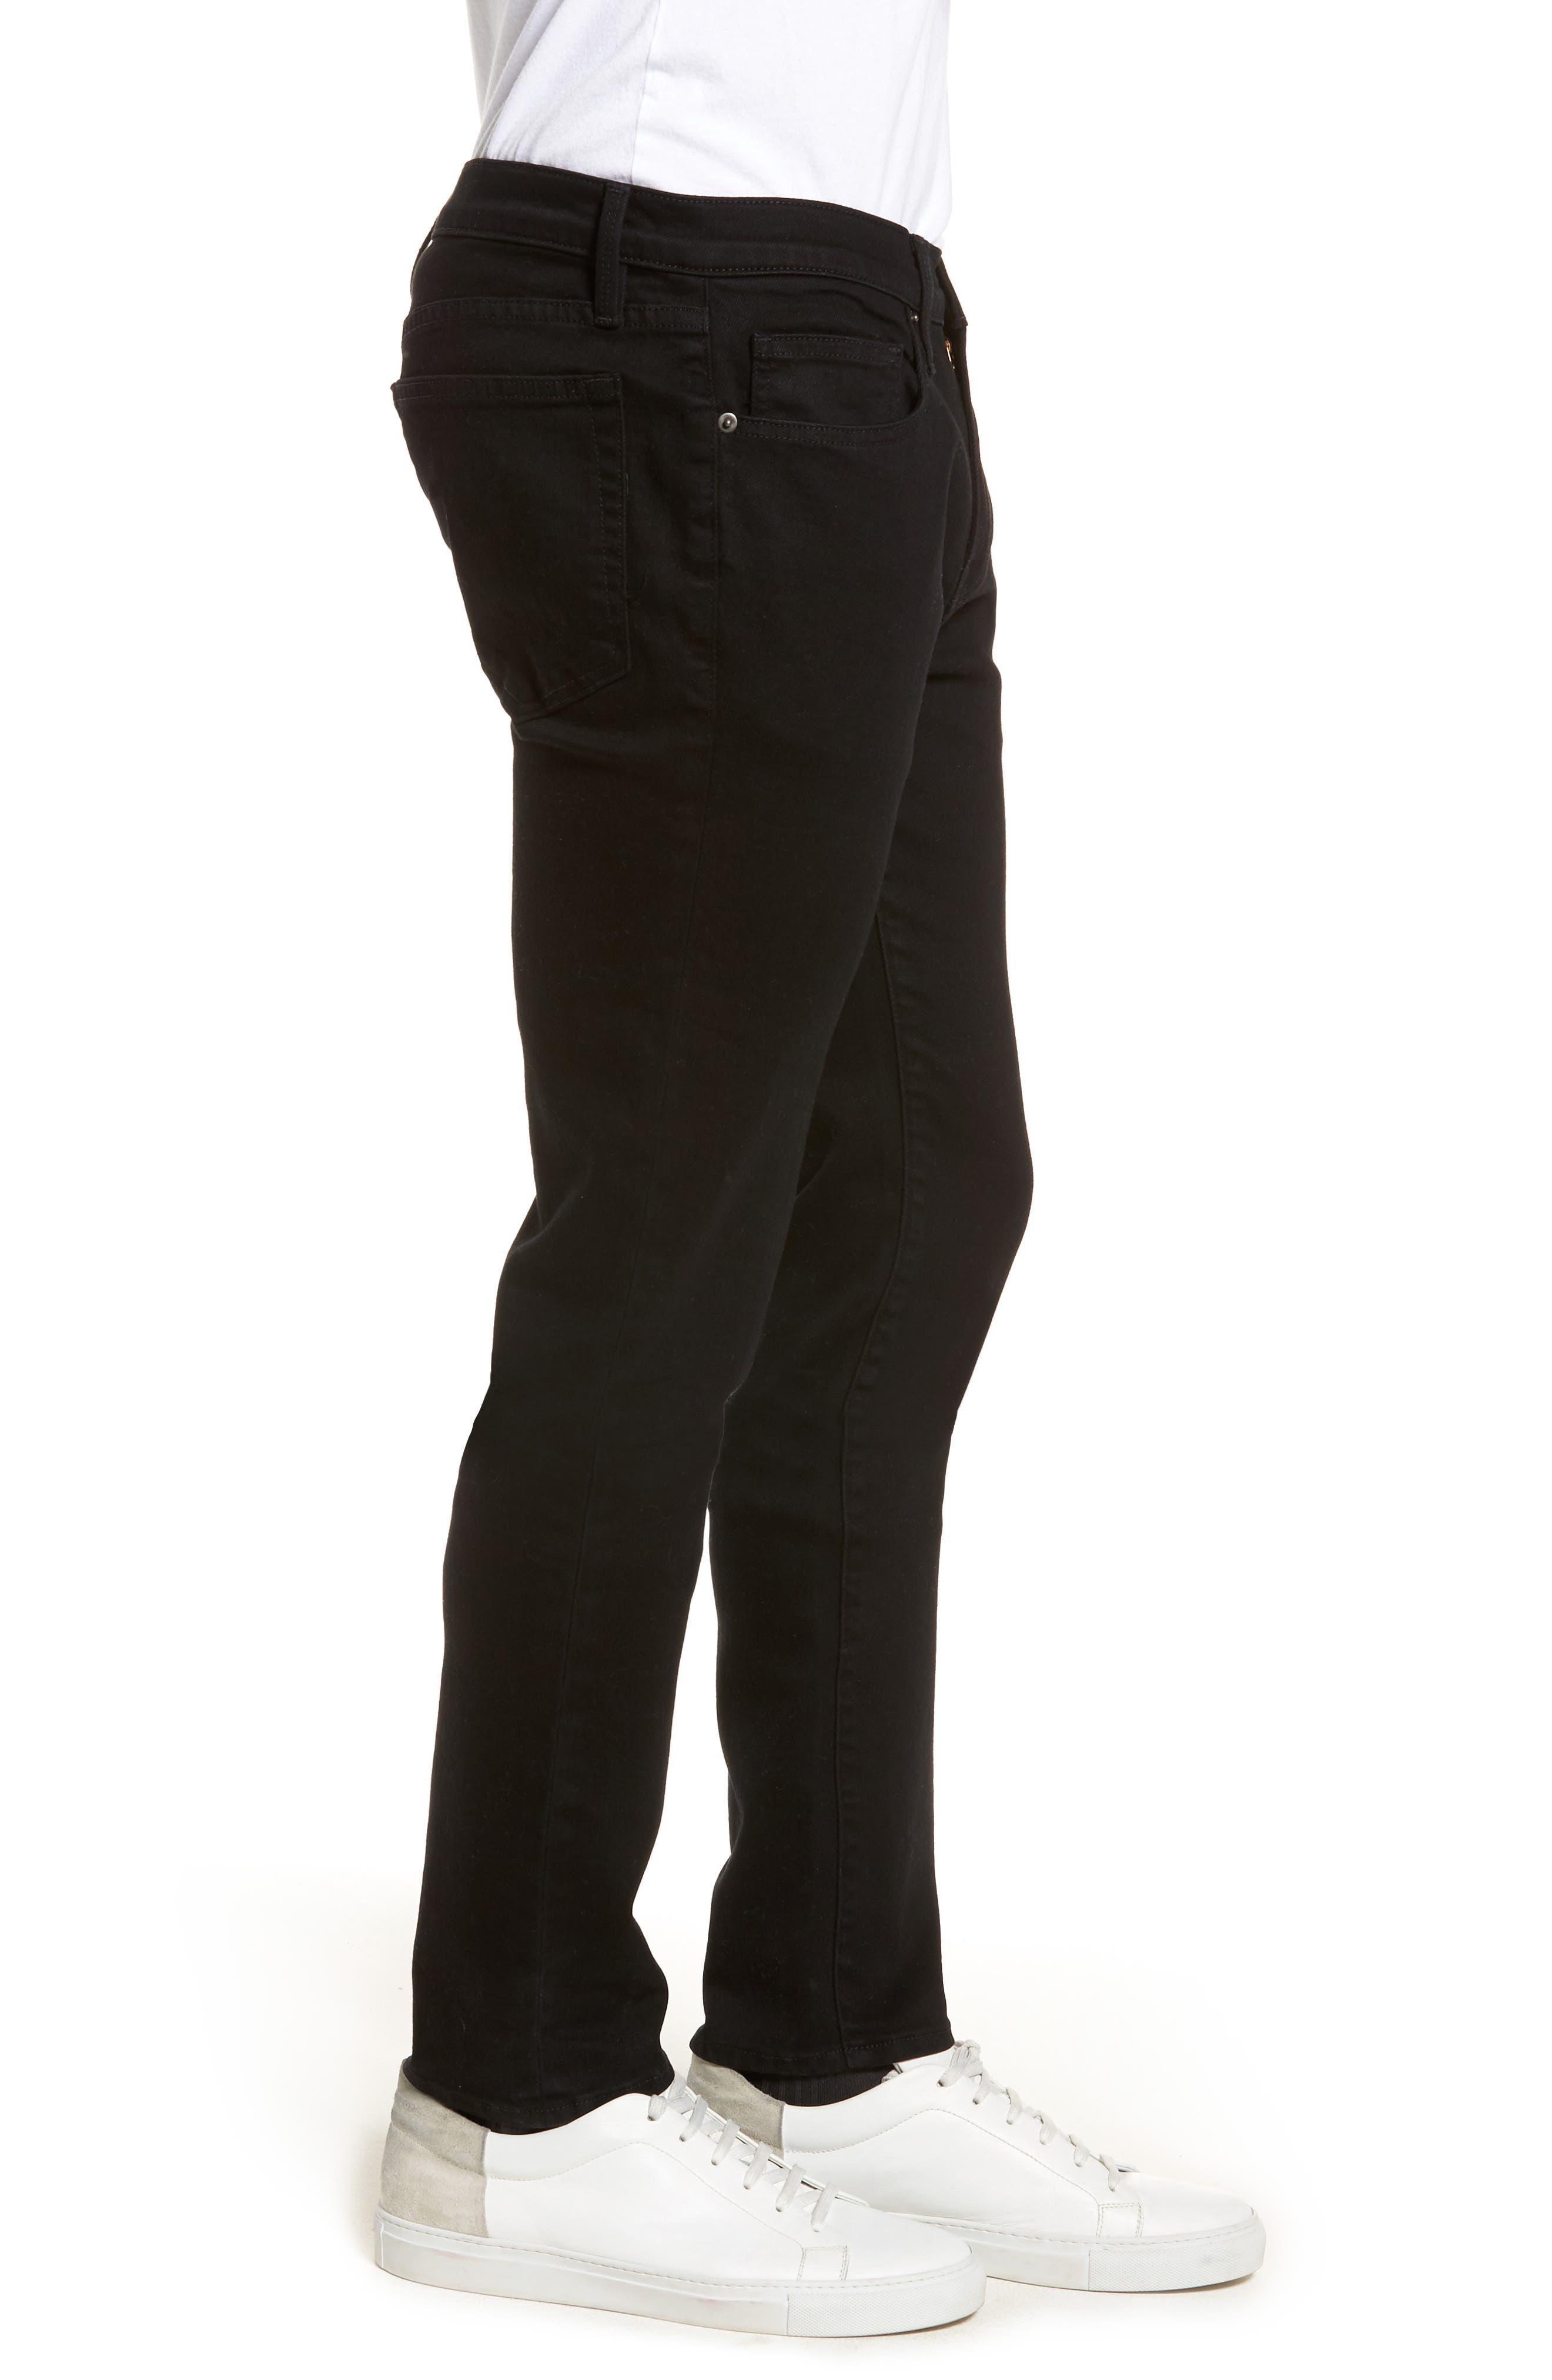 L'Homme Skinny Fit Jeans,                             Alternate thumbnail 3, color,                             Noir